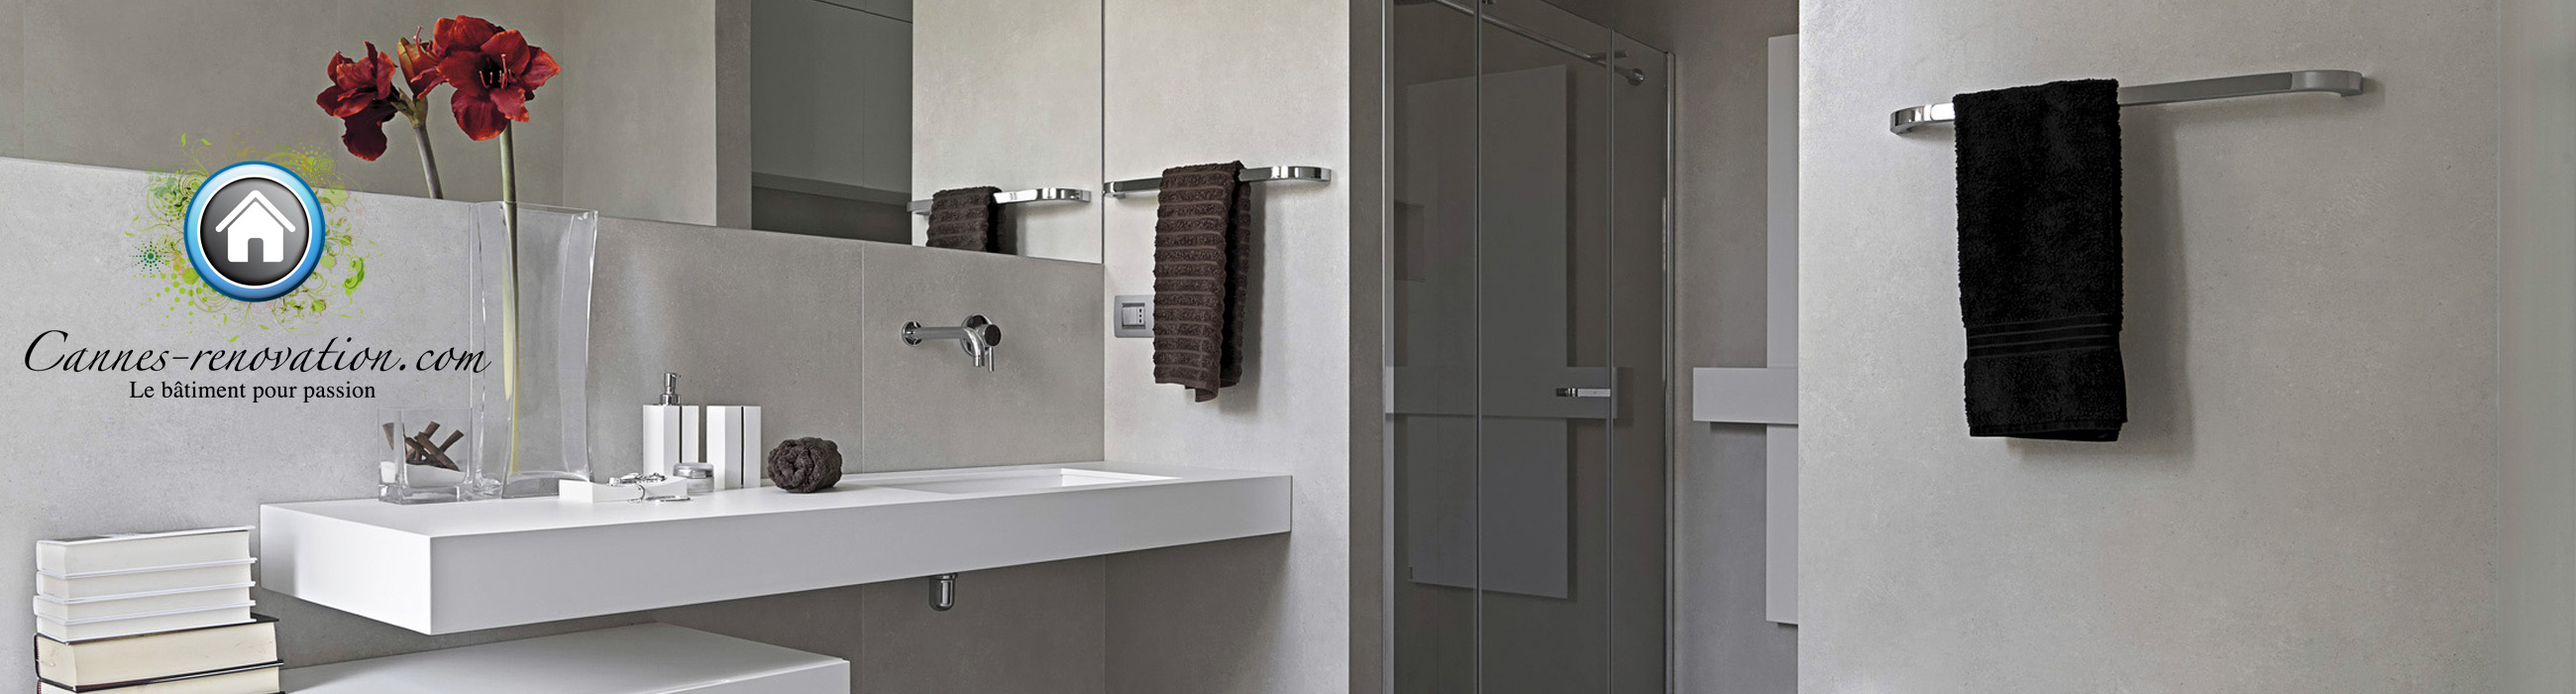 Les travaux d 39 une r novation de salle de bain r ussie for Renovation salle de bain